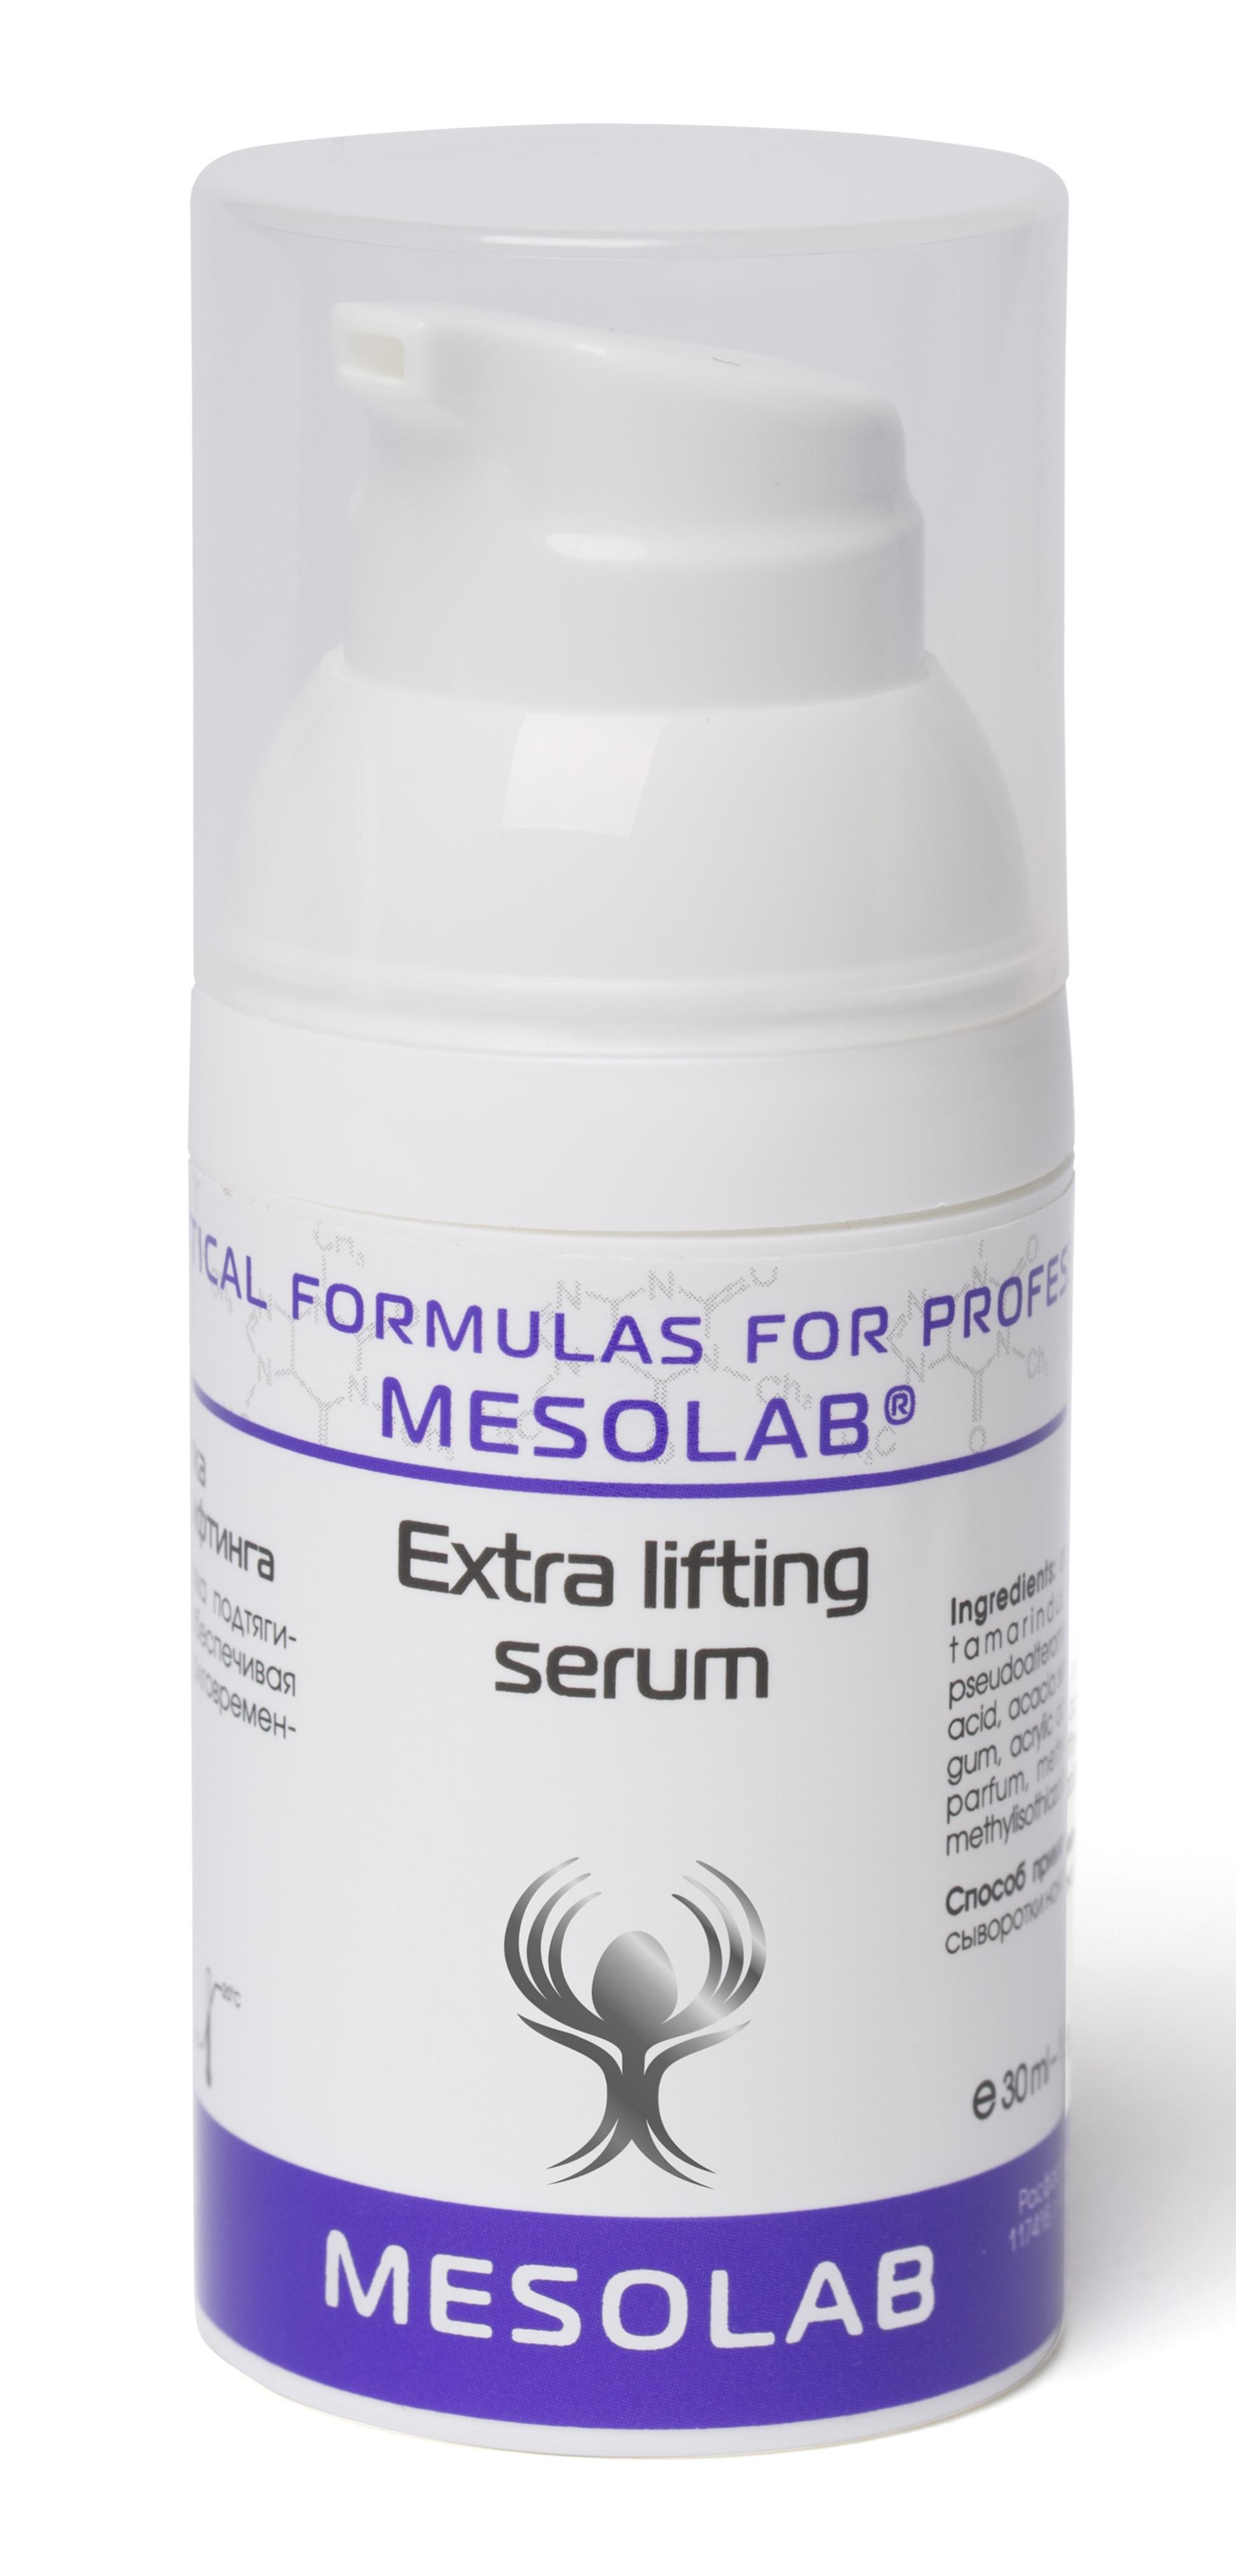 MESOLAB Гель-сыворотка для мгновенного лифтинга / EXTRA LIFTING SERUM 30 мл -  Сыворотки